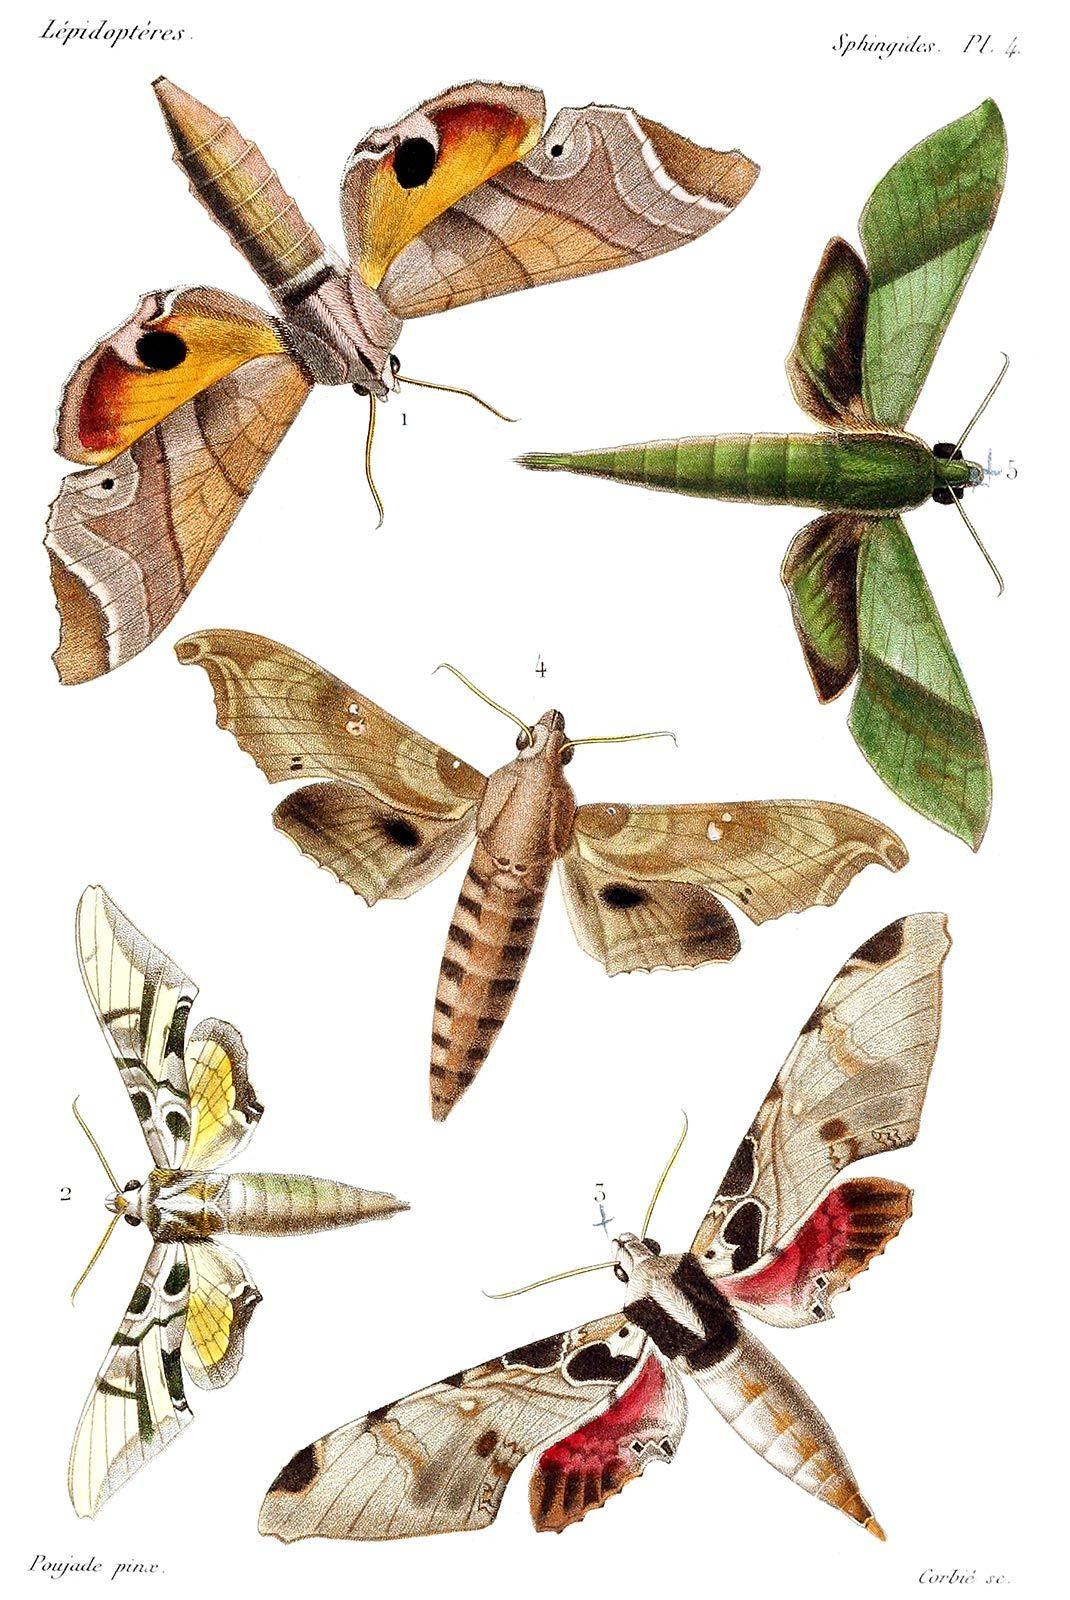 Petit Cabinet de Curiosites : Photo | histoire naturelle | Pinterest ...